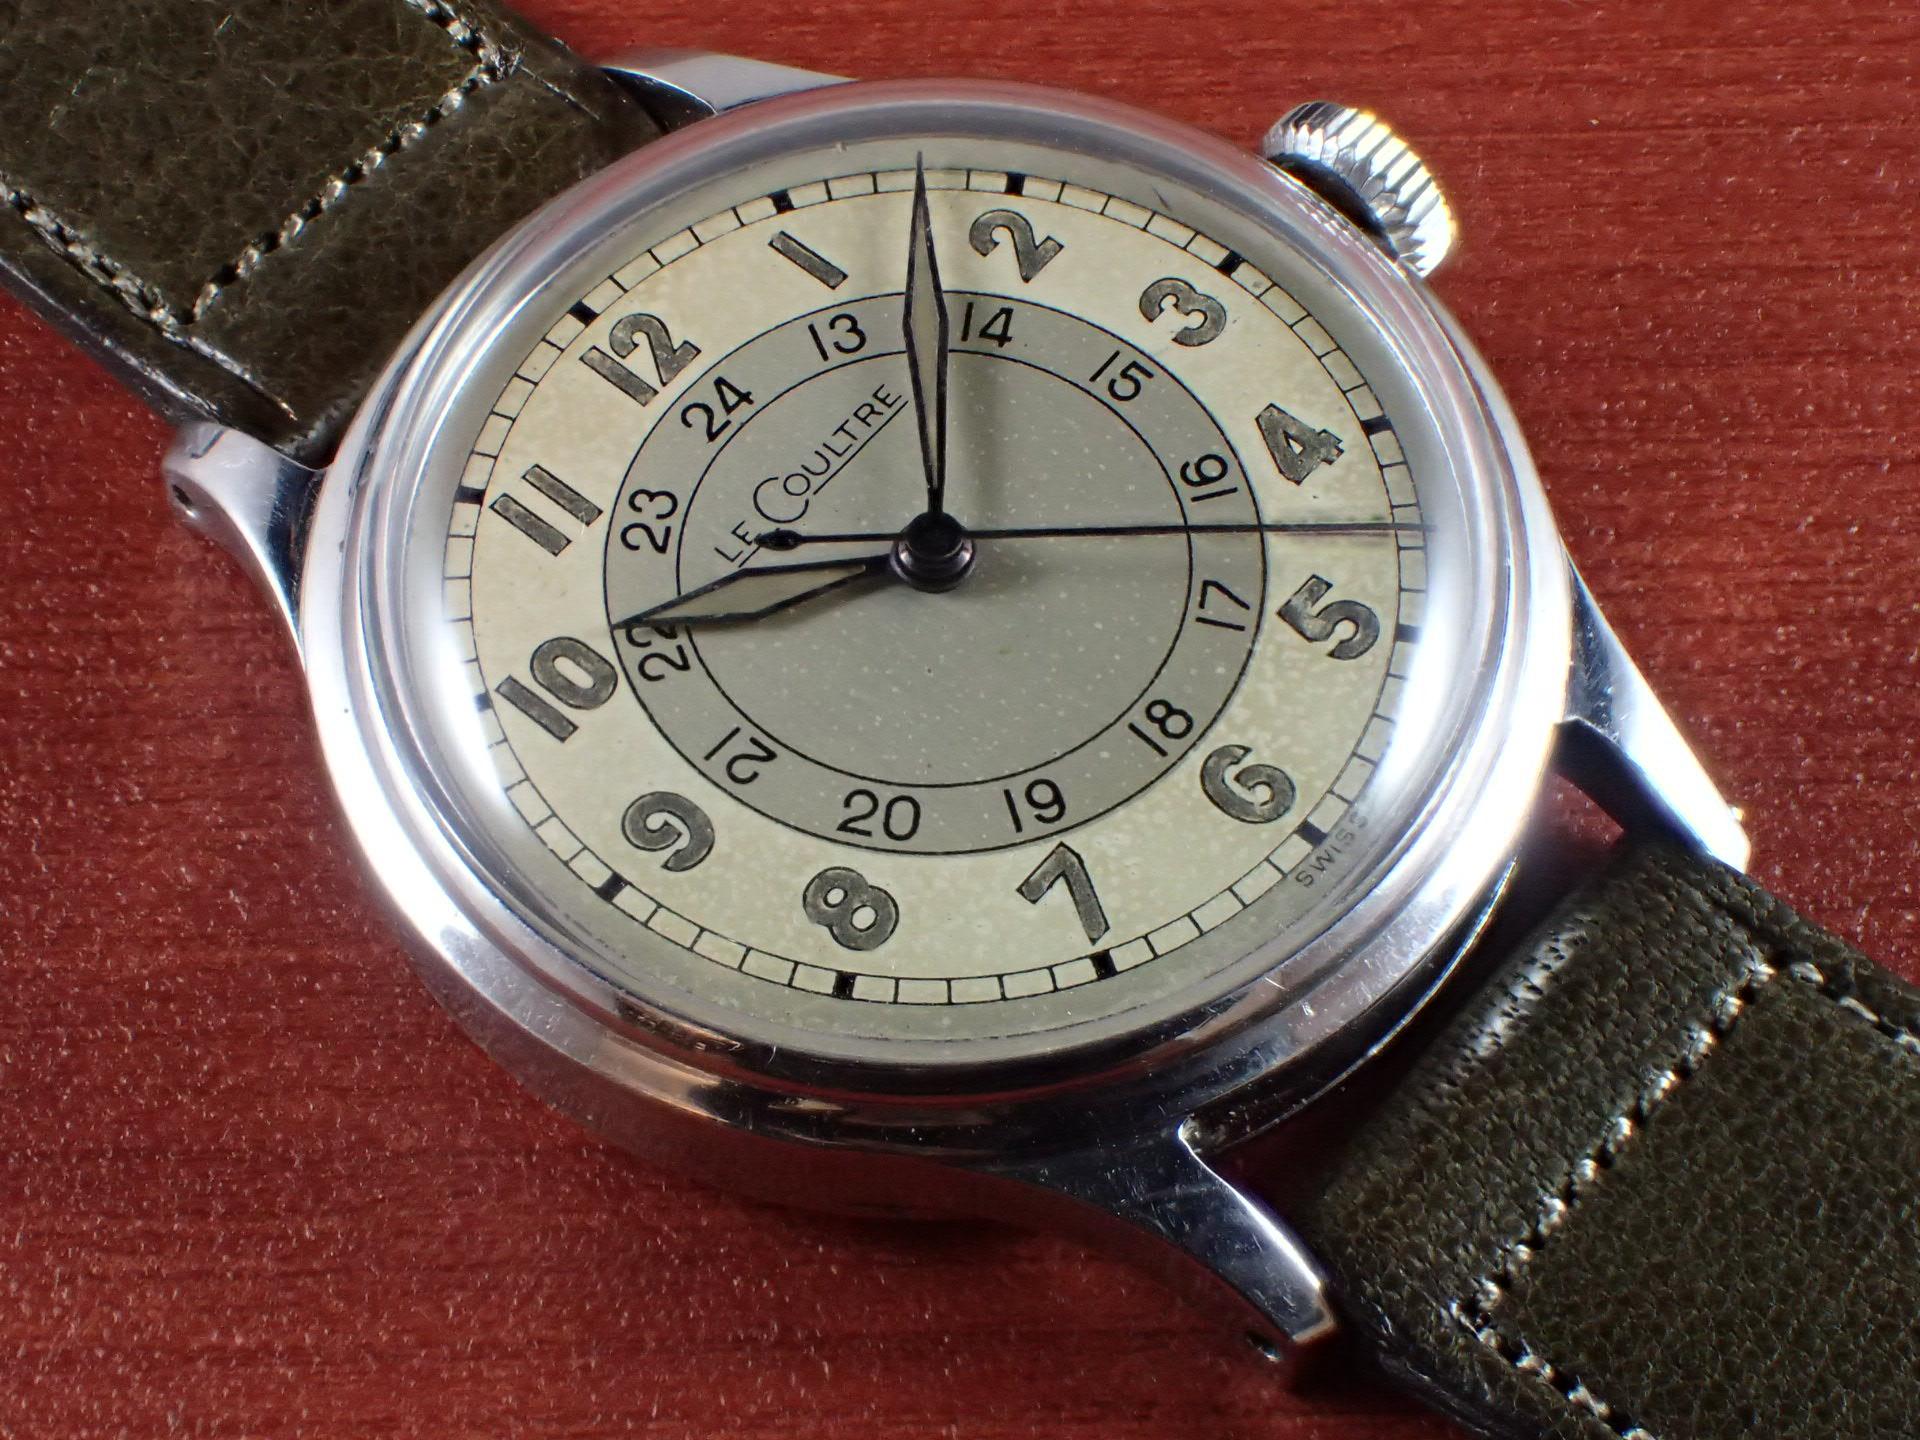 ルクルト ホワイト2トーンダイアル 24時間表記 スナップバック 1940年代のメイン写真